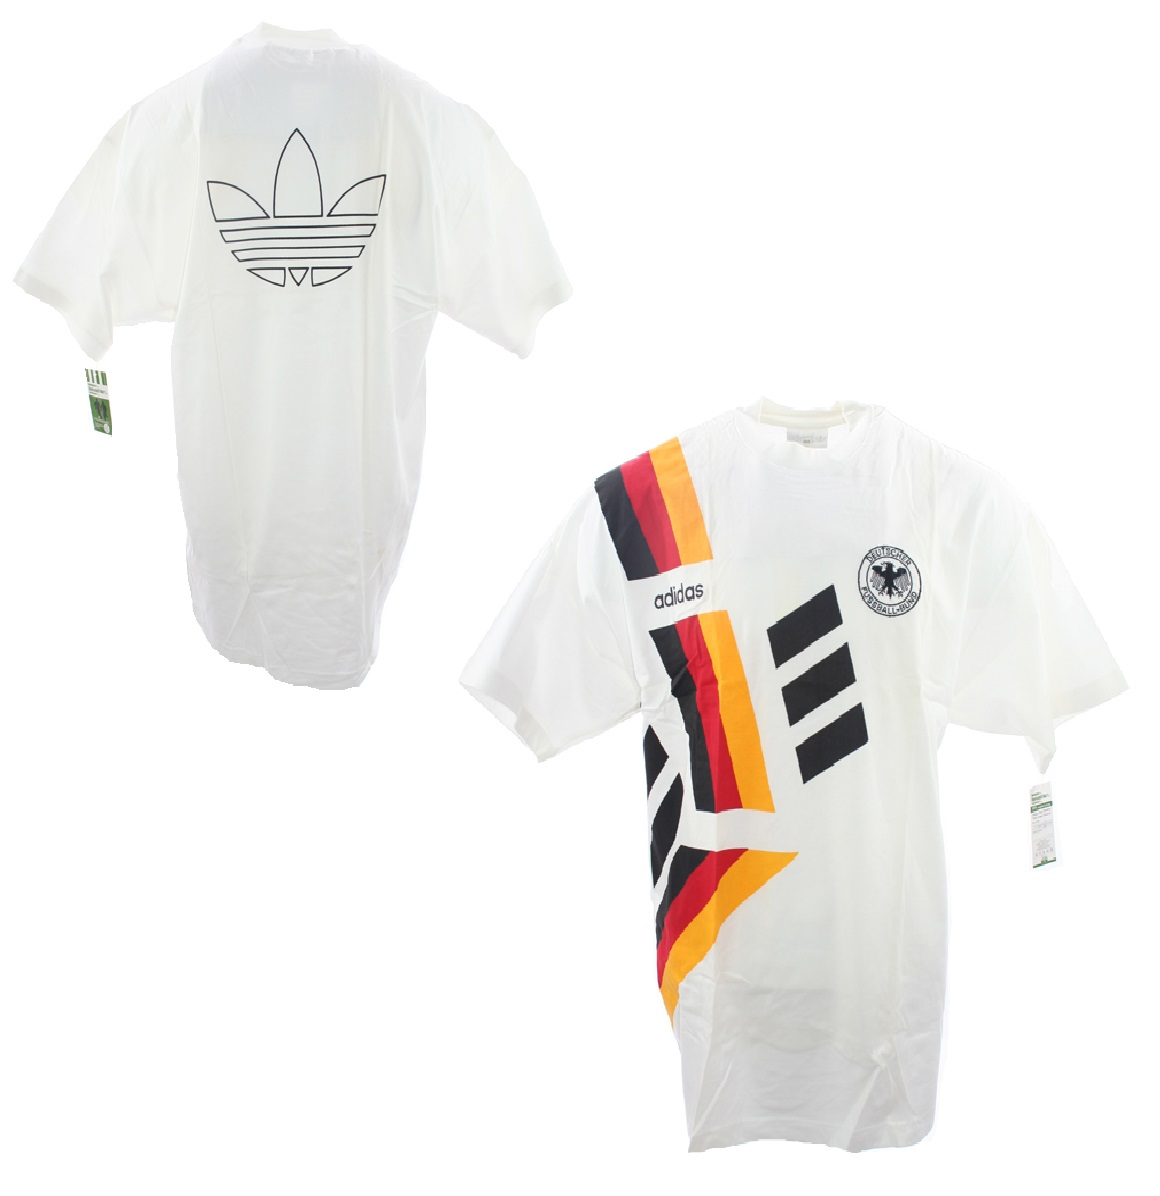 Adidas Deutschland T shirt 1994 DFB 94 Trikot Retro Herren